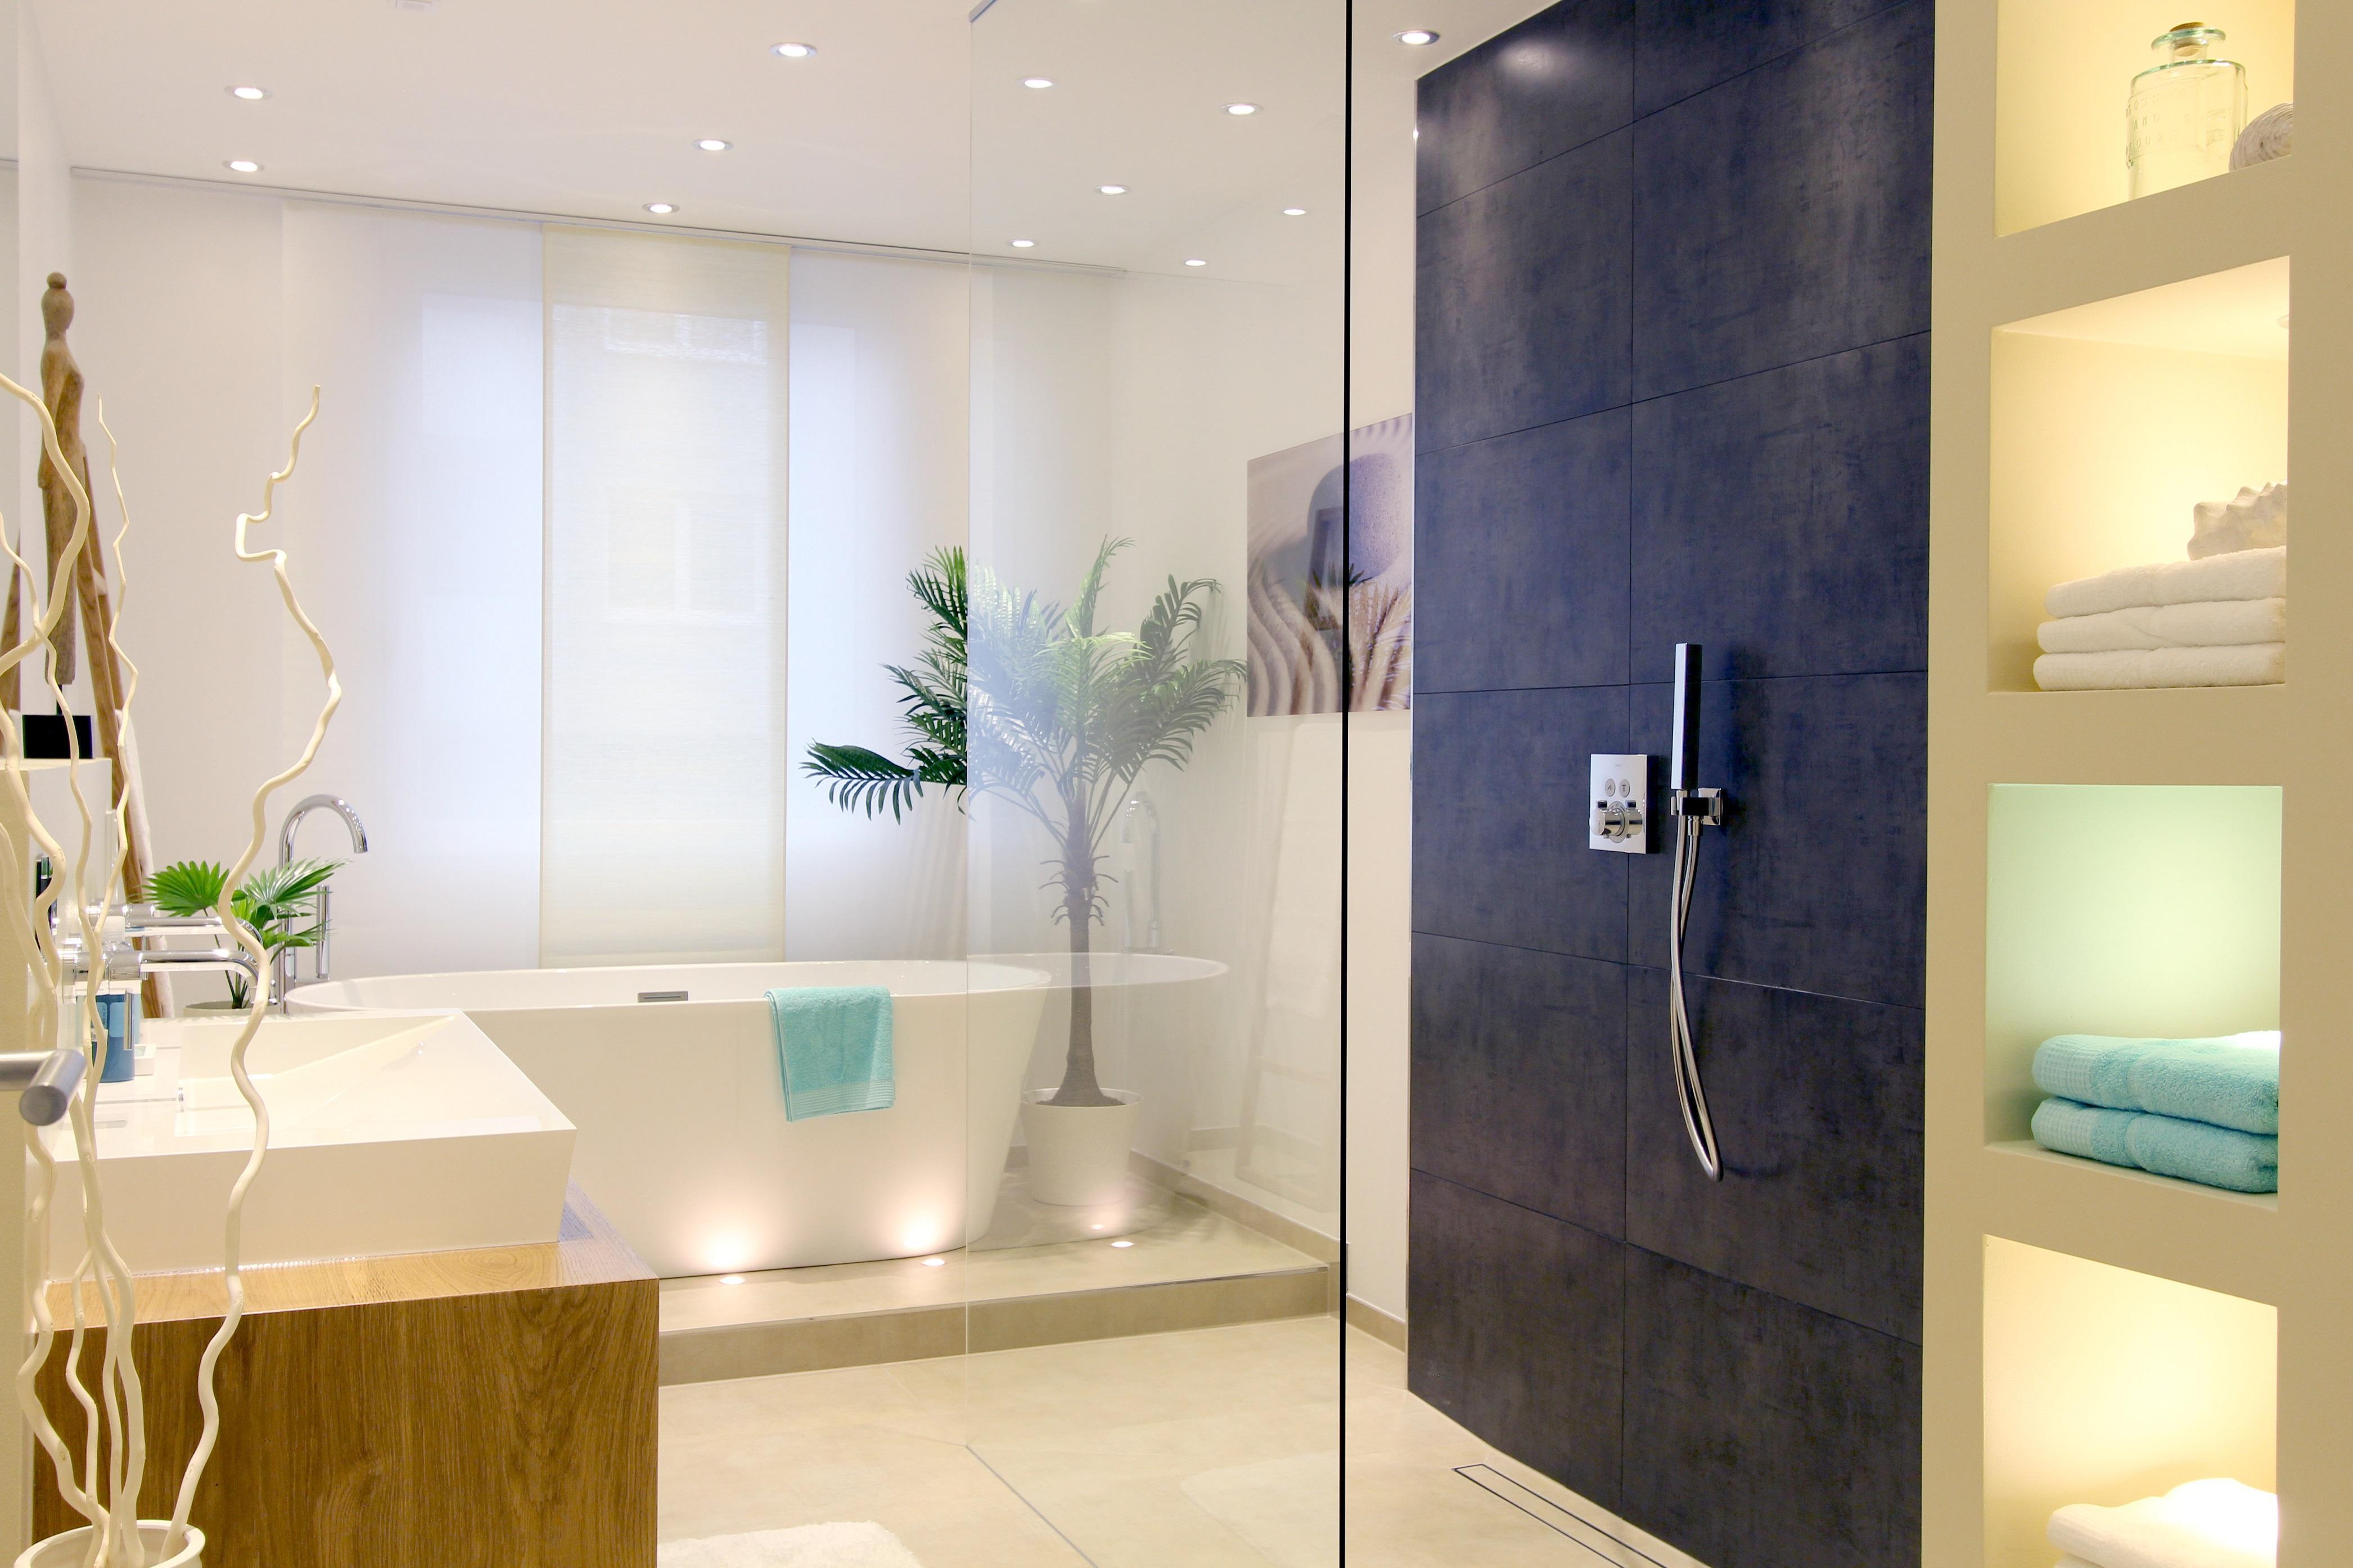 Badezimmer Trennwand • Bilder & Ideen • COUCH